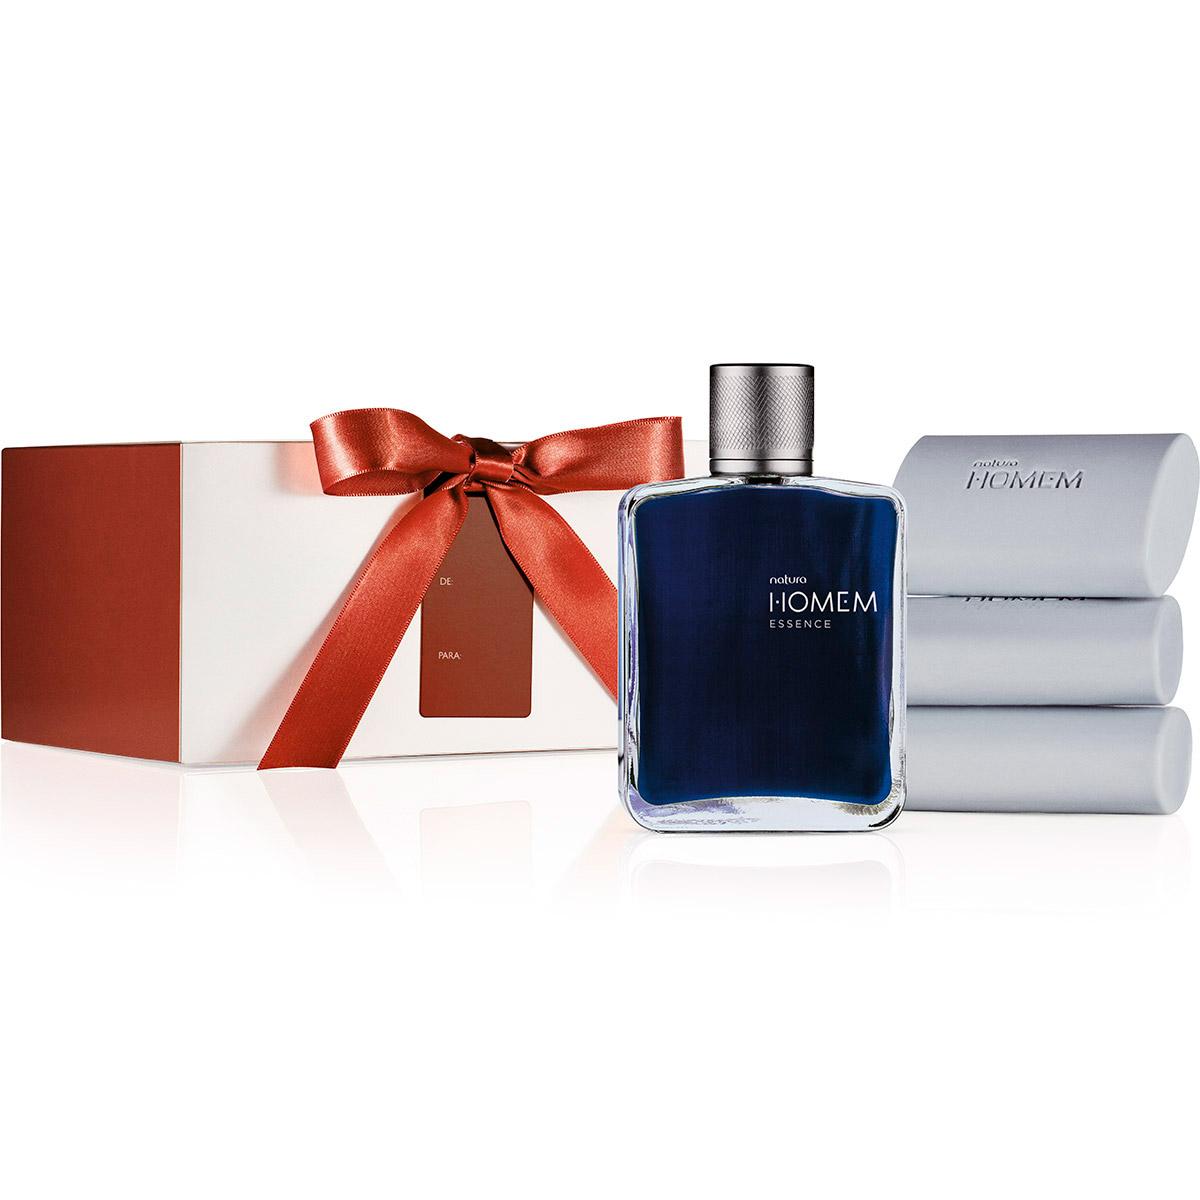 Presente Natura Homem Essence - Deo Parfum Masculino + Sabonetes em Barra + Embalagem - 67888